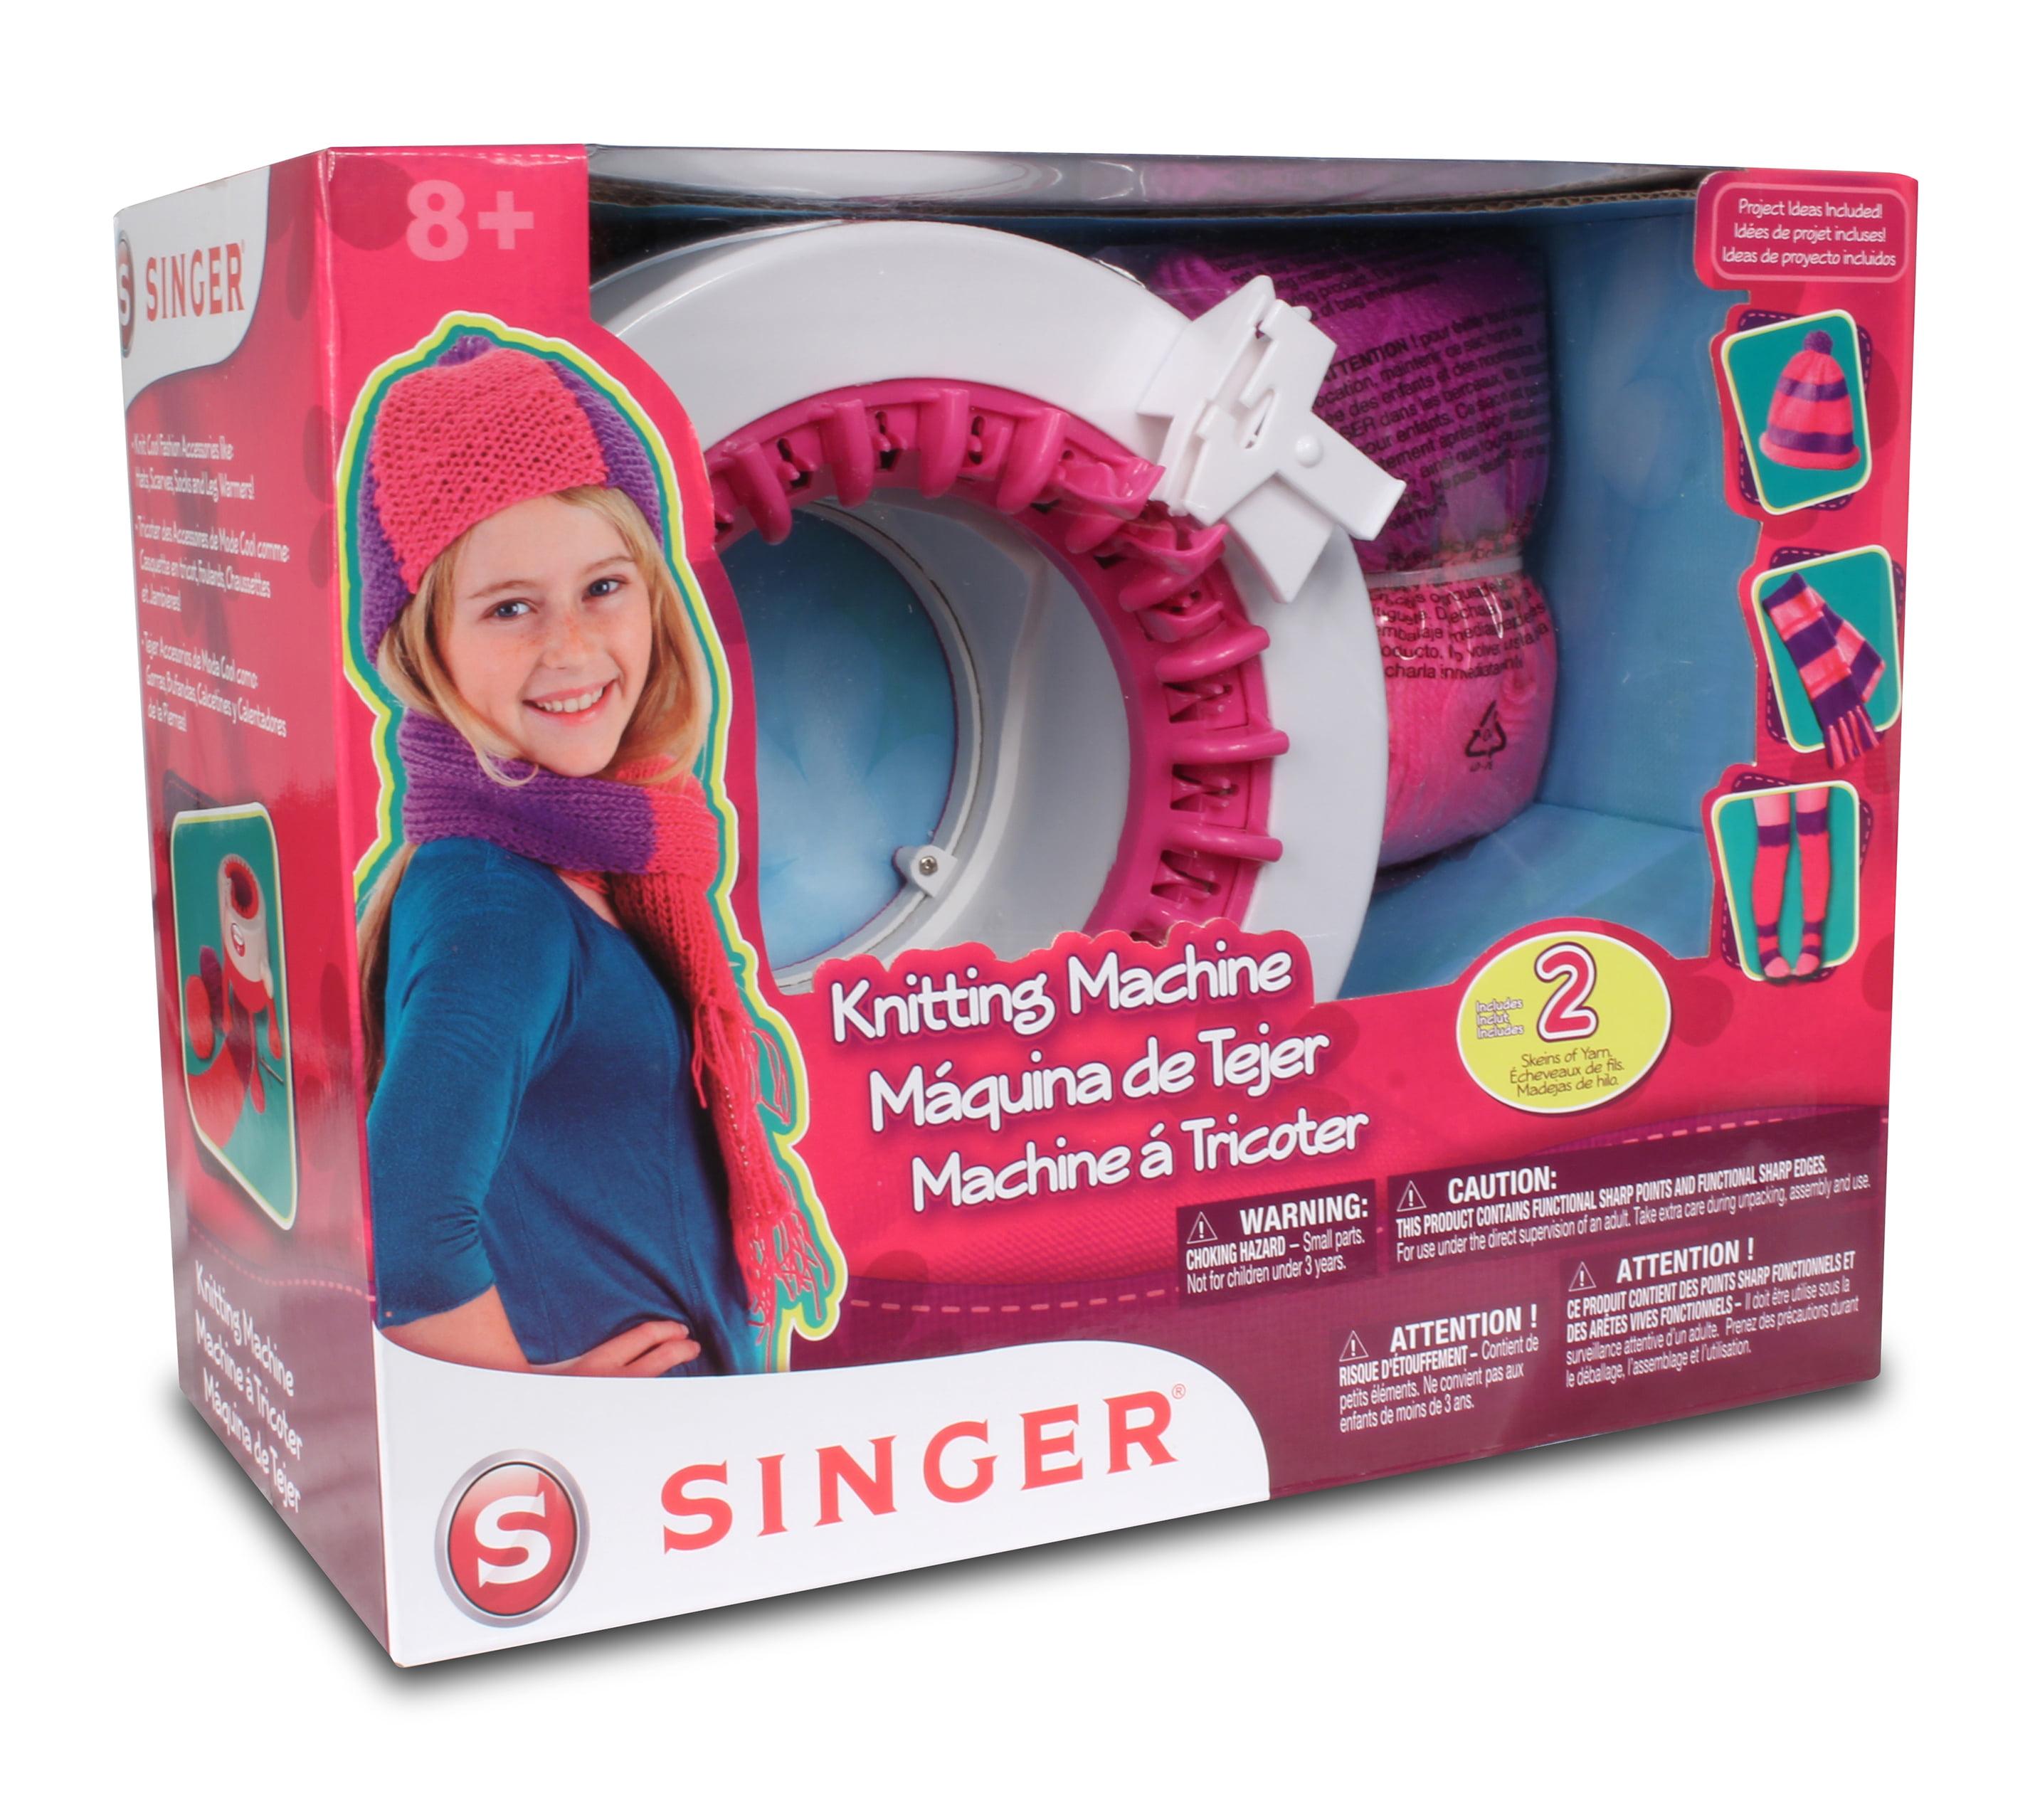 NKOK Singer Knitting Machine - Walmart.com